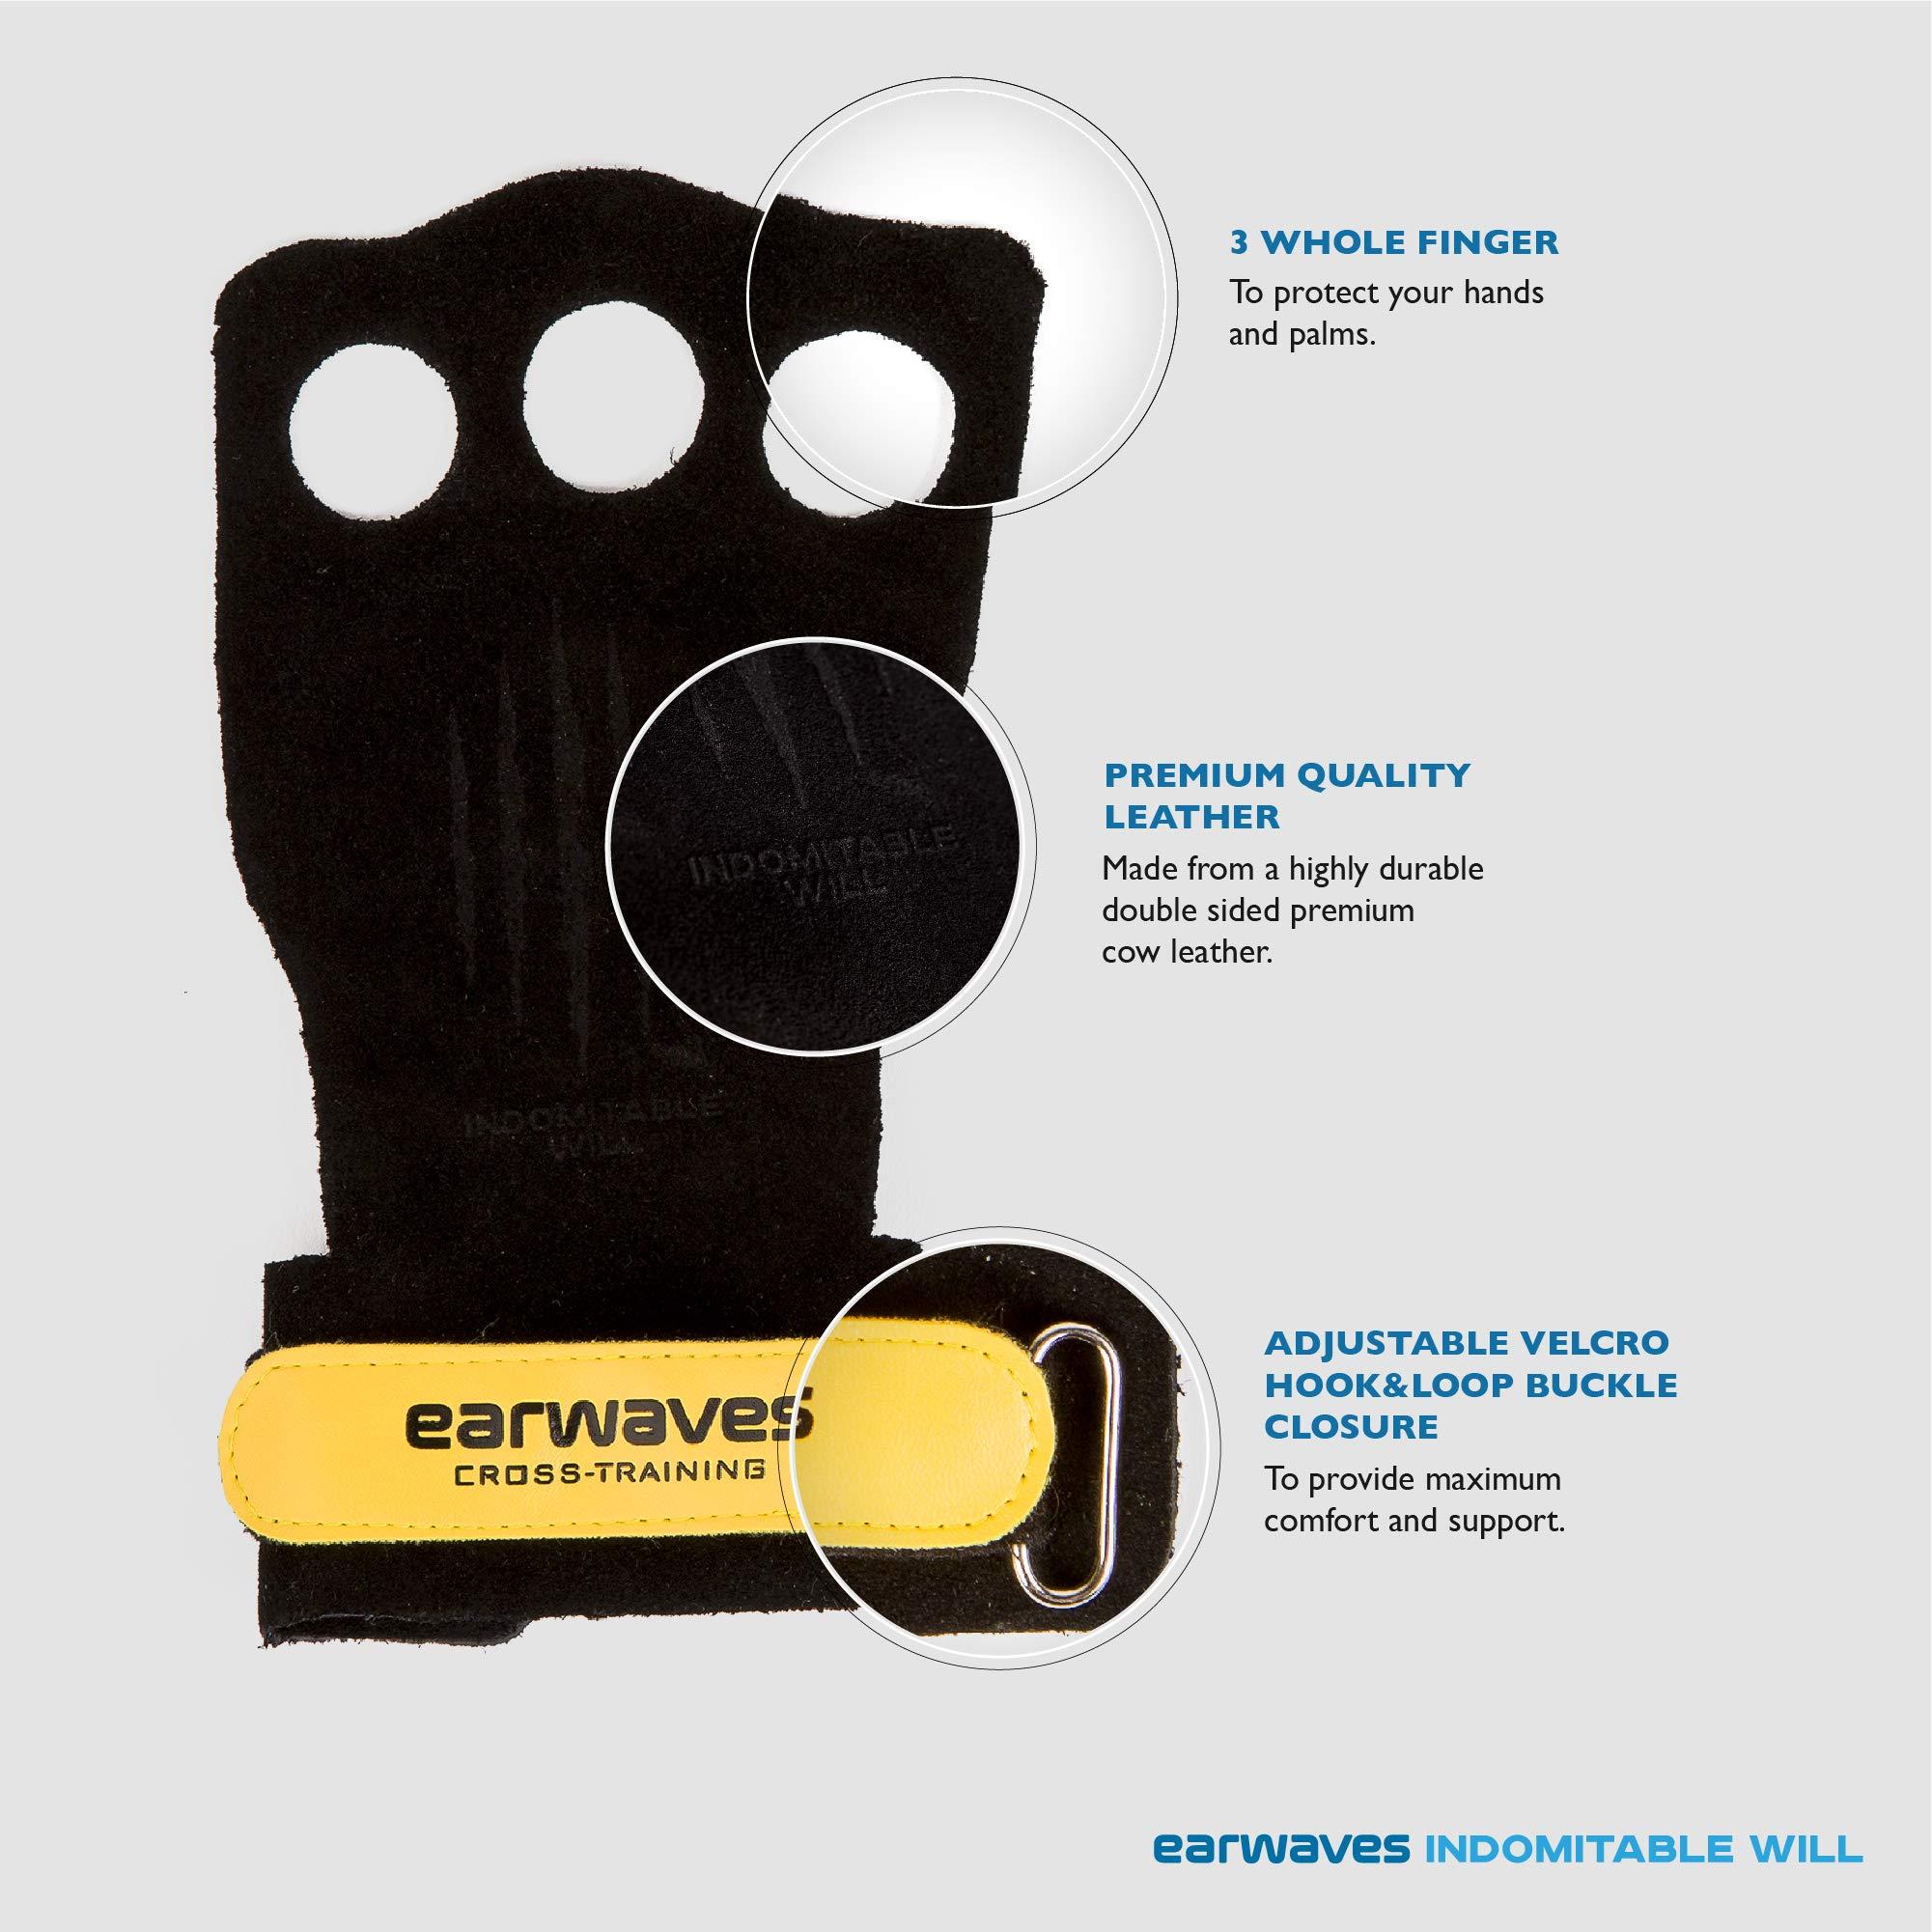 R SODIAL ER20 pinza 13 PC ER20 pinzas fijado para el fresado CNC herramienta de grabado